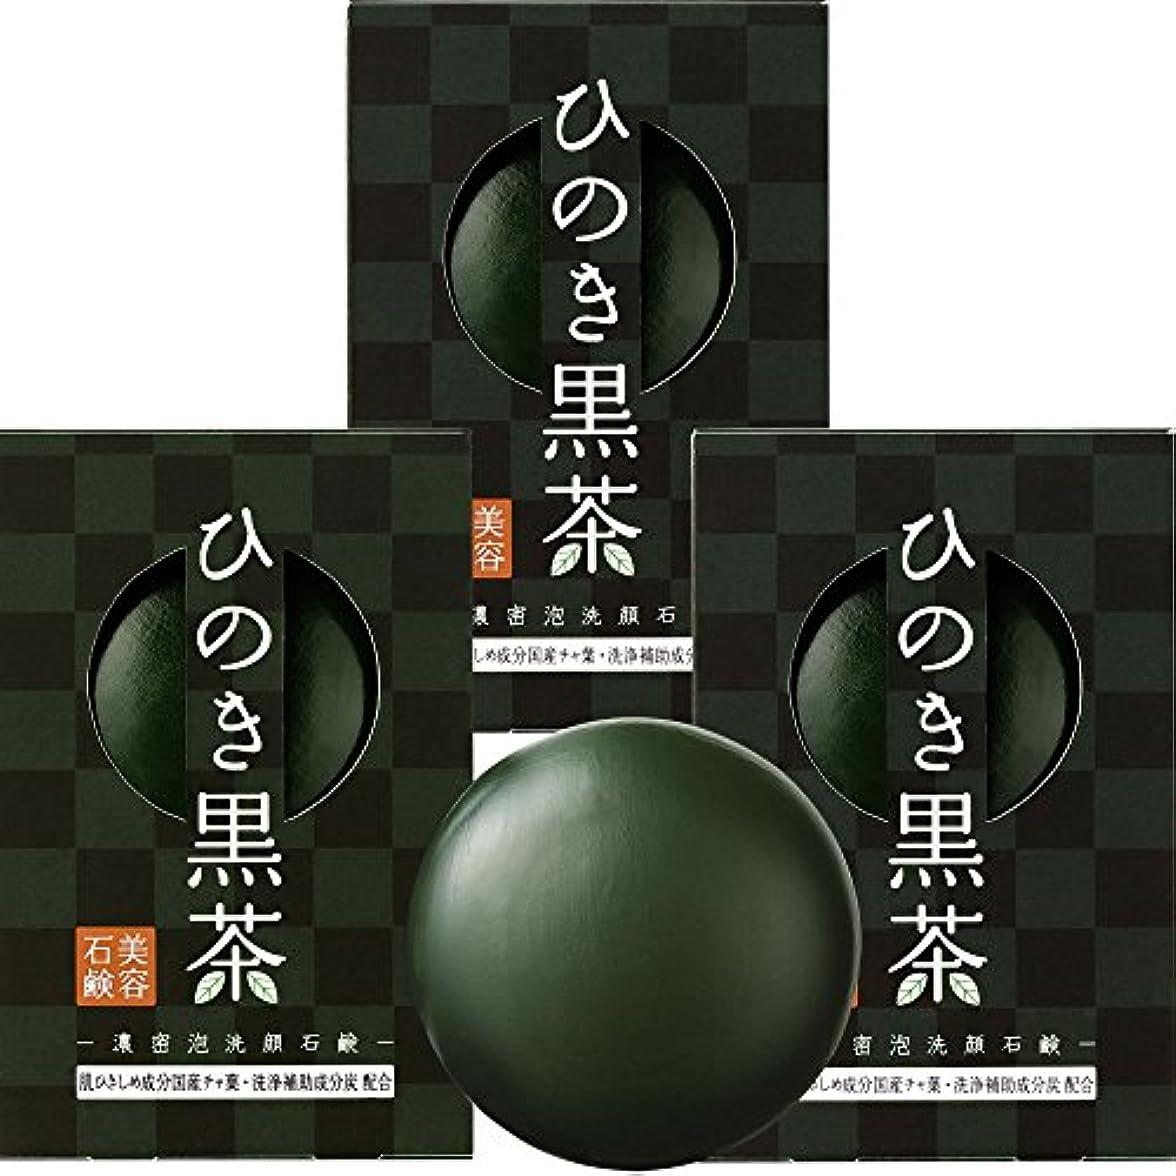 ひのき黒茶石鹸 (80g×3個) [保湿成分配合] ヒアルロン酸 コラーゲン